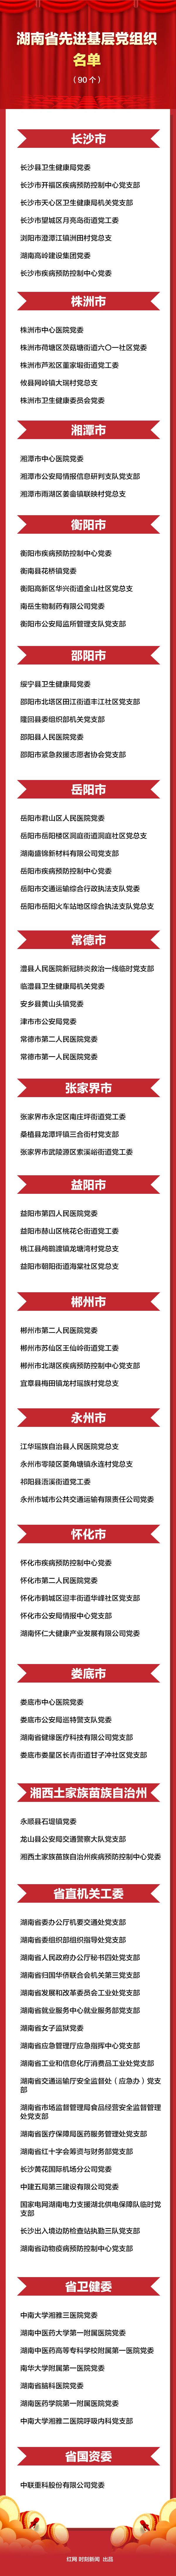 先进党组织(改).jpg